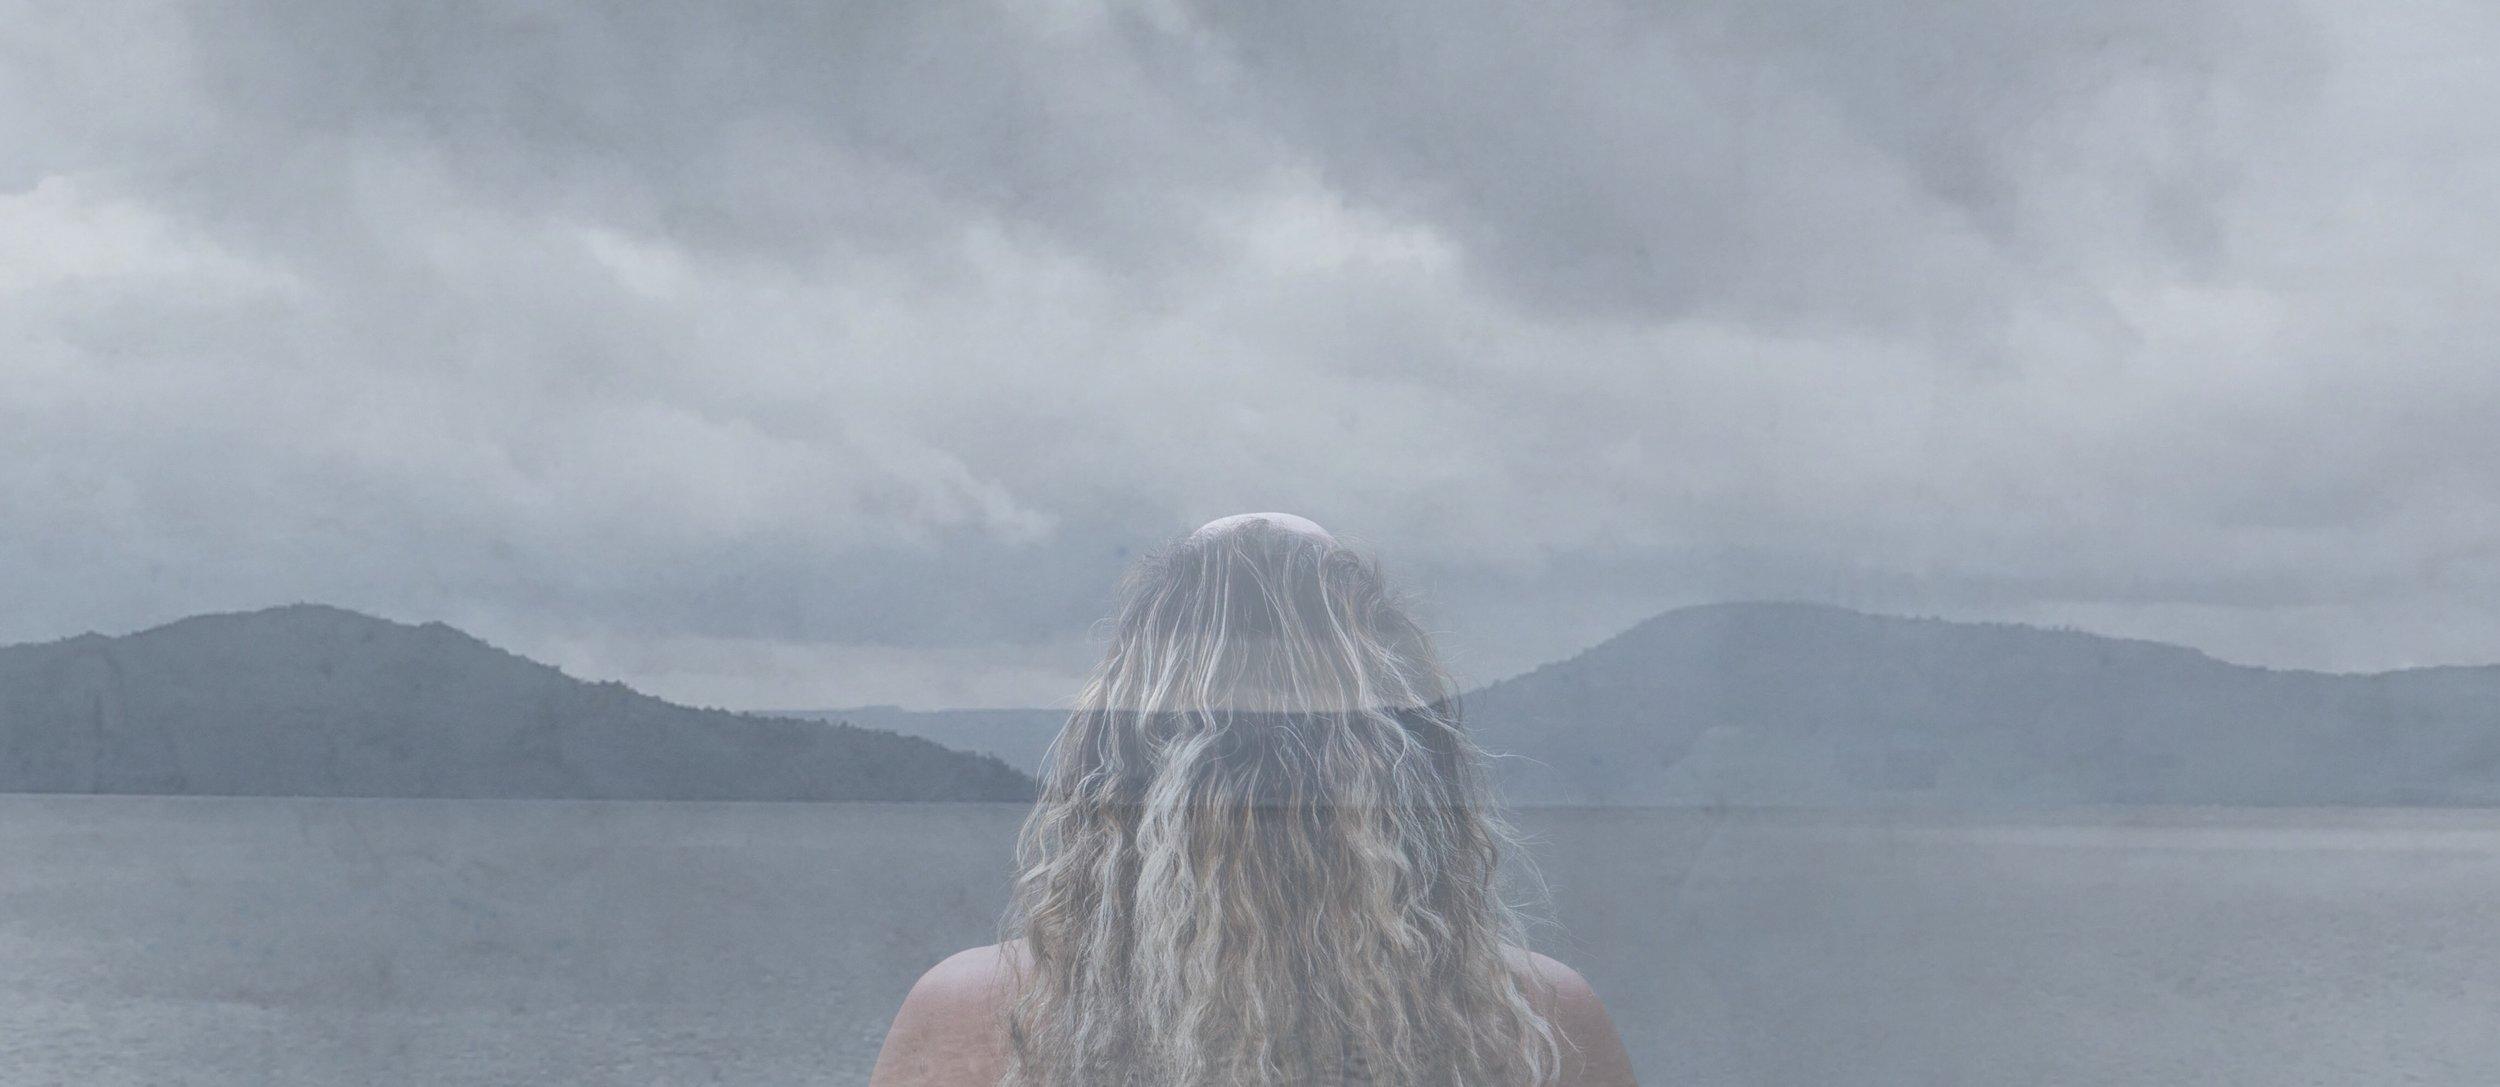 Image by    Hana Tapiata